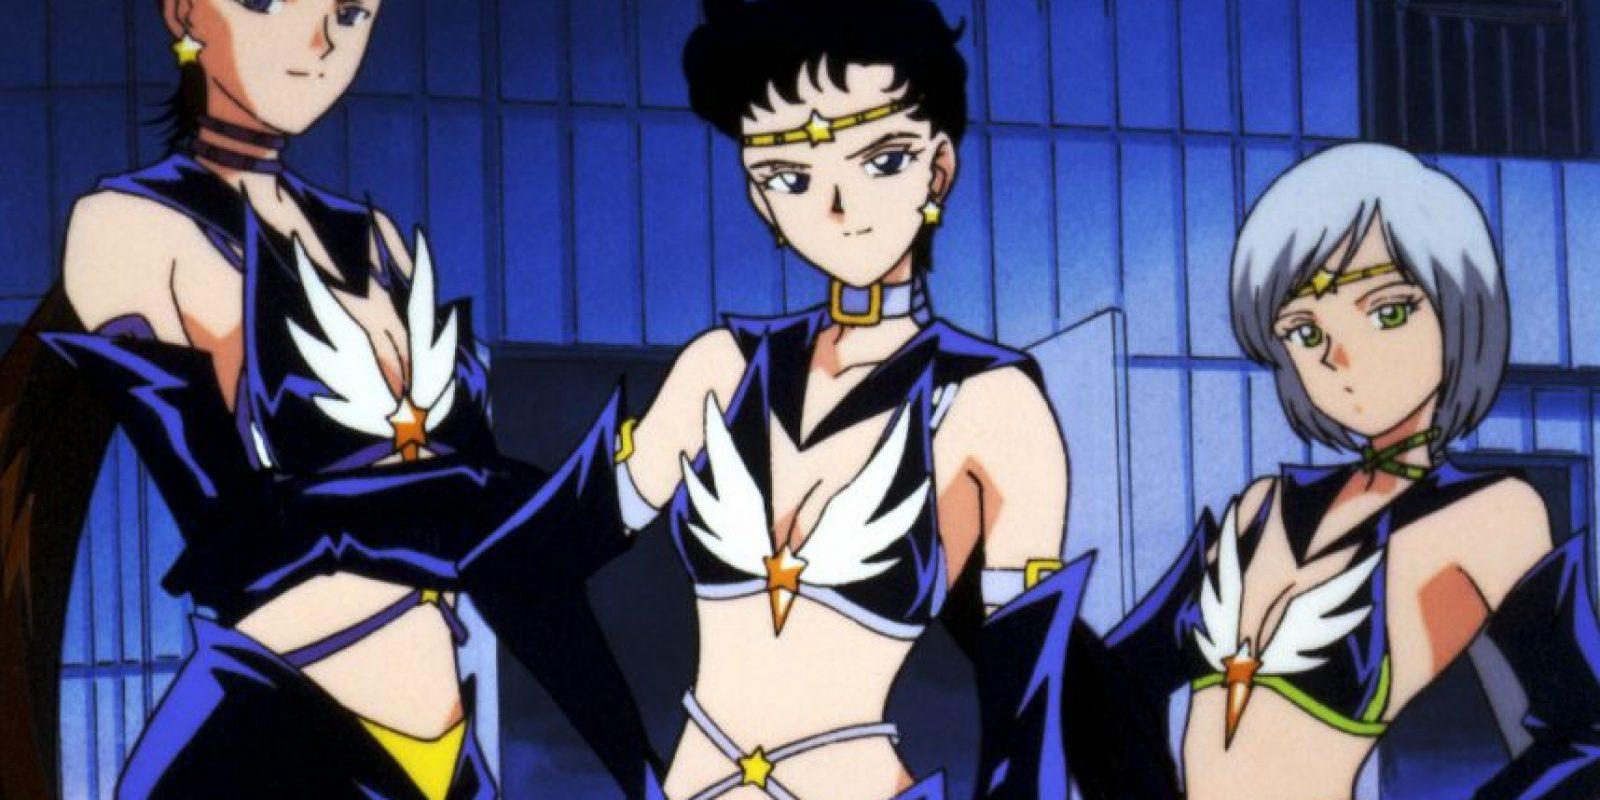 Las Sailor Stars en la versión original no eran hombres ni por error. En el manga llegaron a vestirse de hombre, pero para la serie si adoptaron forma masculina, lo que molestó en demasía a Naoko Takeuchi, creadora de la serie. Solo las mujeres pueden ser Sailor Senshi, según ella. Foto:Toei